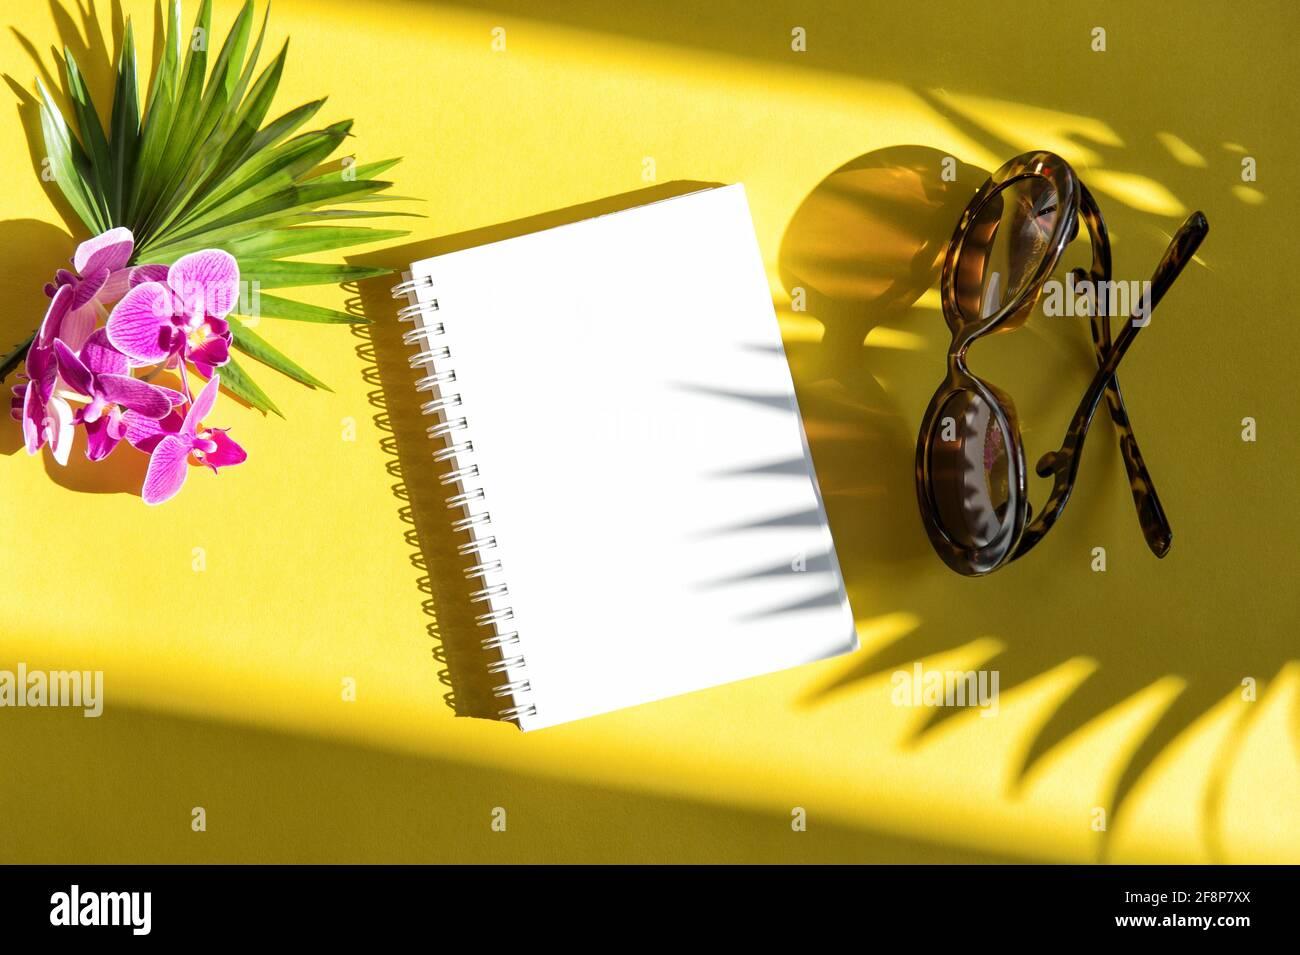 Piso de verano con sombra. Cuaderno, gafas de sol, hoja de palma, flor de orquídeas sobre fondo amarillo Foto de stock